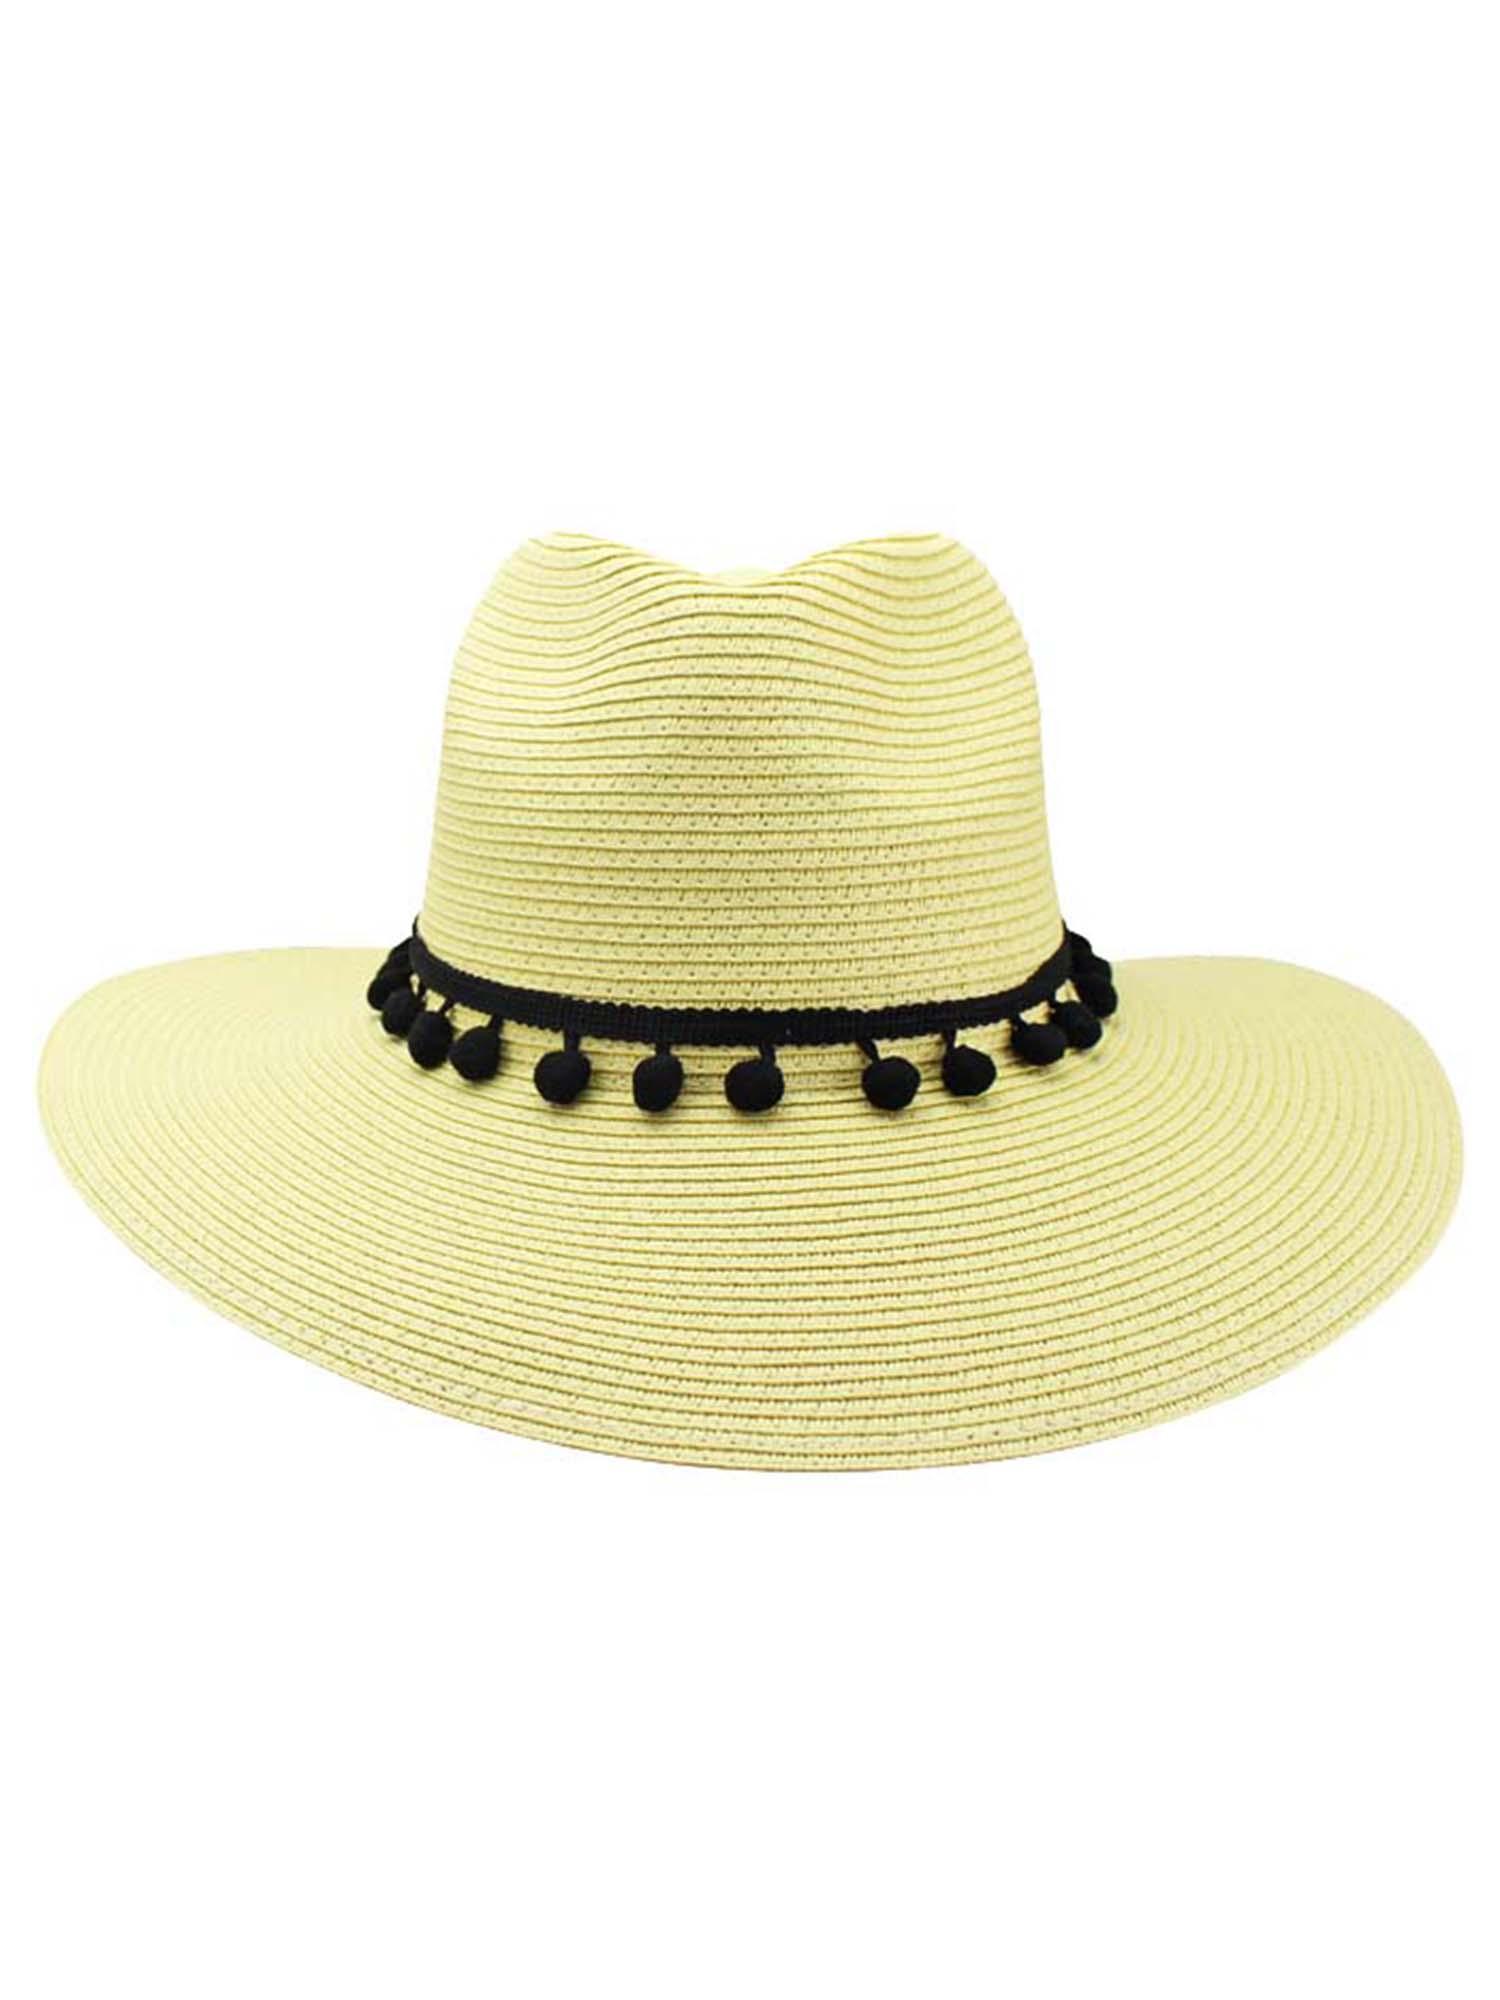 3c54b68f STRAW PANAMA STYLE SUN HAT WITH POM-POM TRIM | eBay